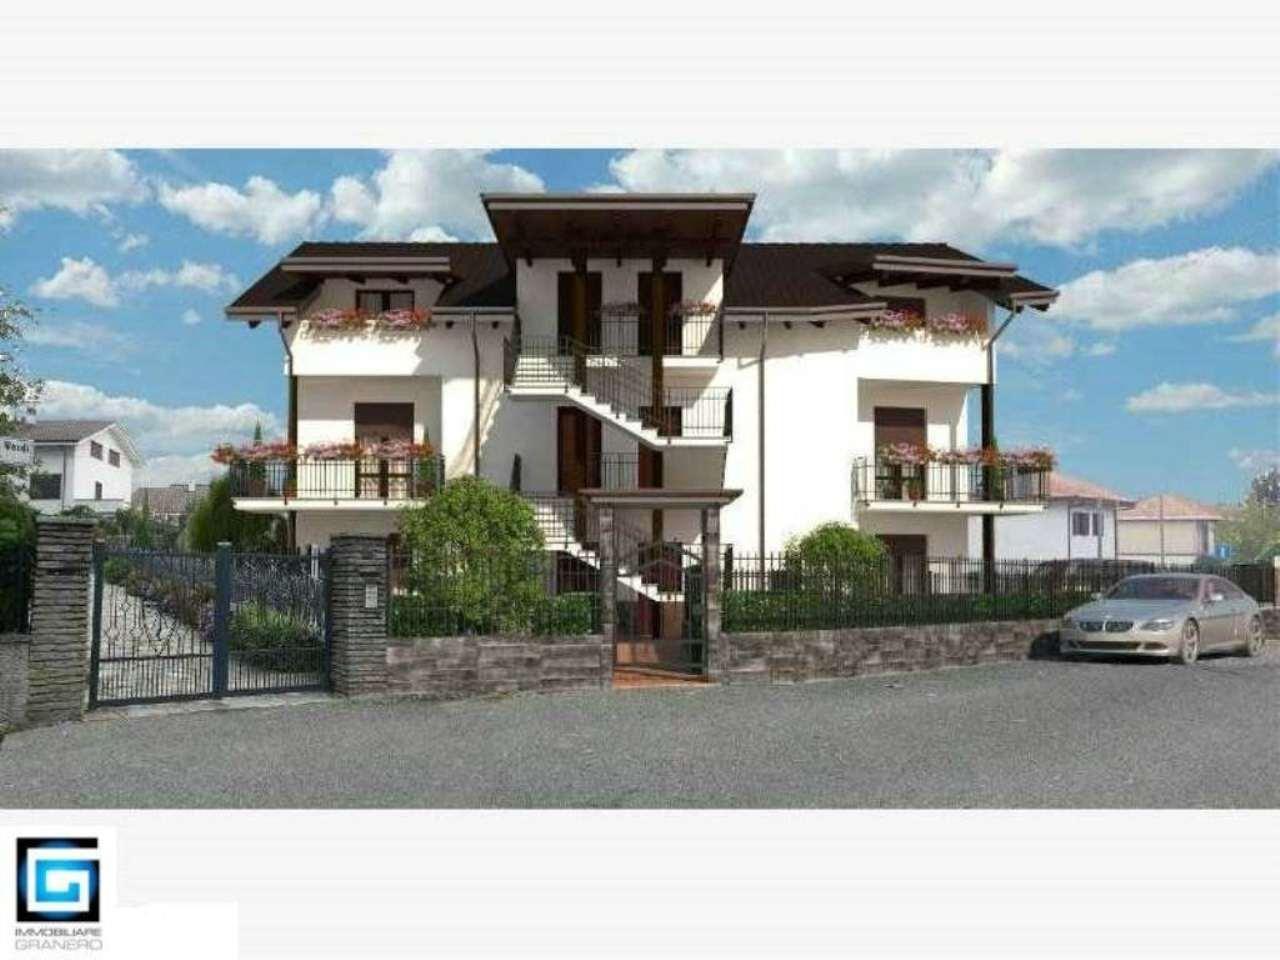 Alpignano Vendita APPARTAMENTO Immagine 4